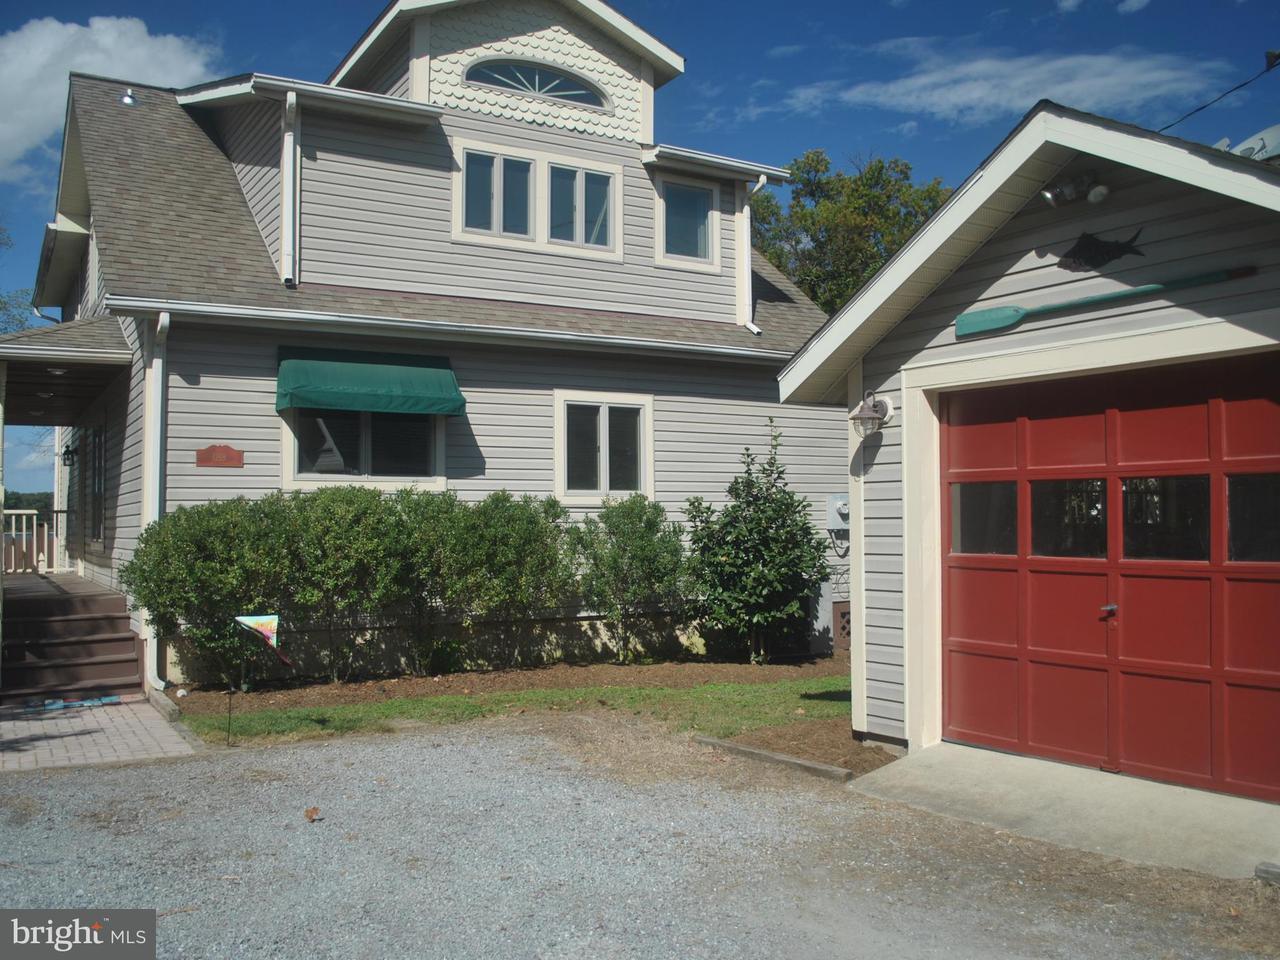 Einfamilienhaus für Verkauf beim 1218 HAYES ROAD 1218 HAYES ROAD Shady Side, Maryland 20764 Vereinigte Staaten